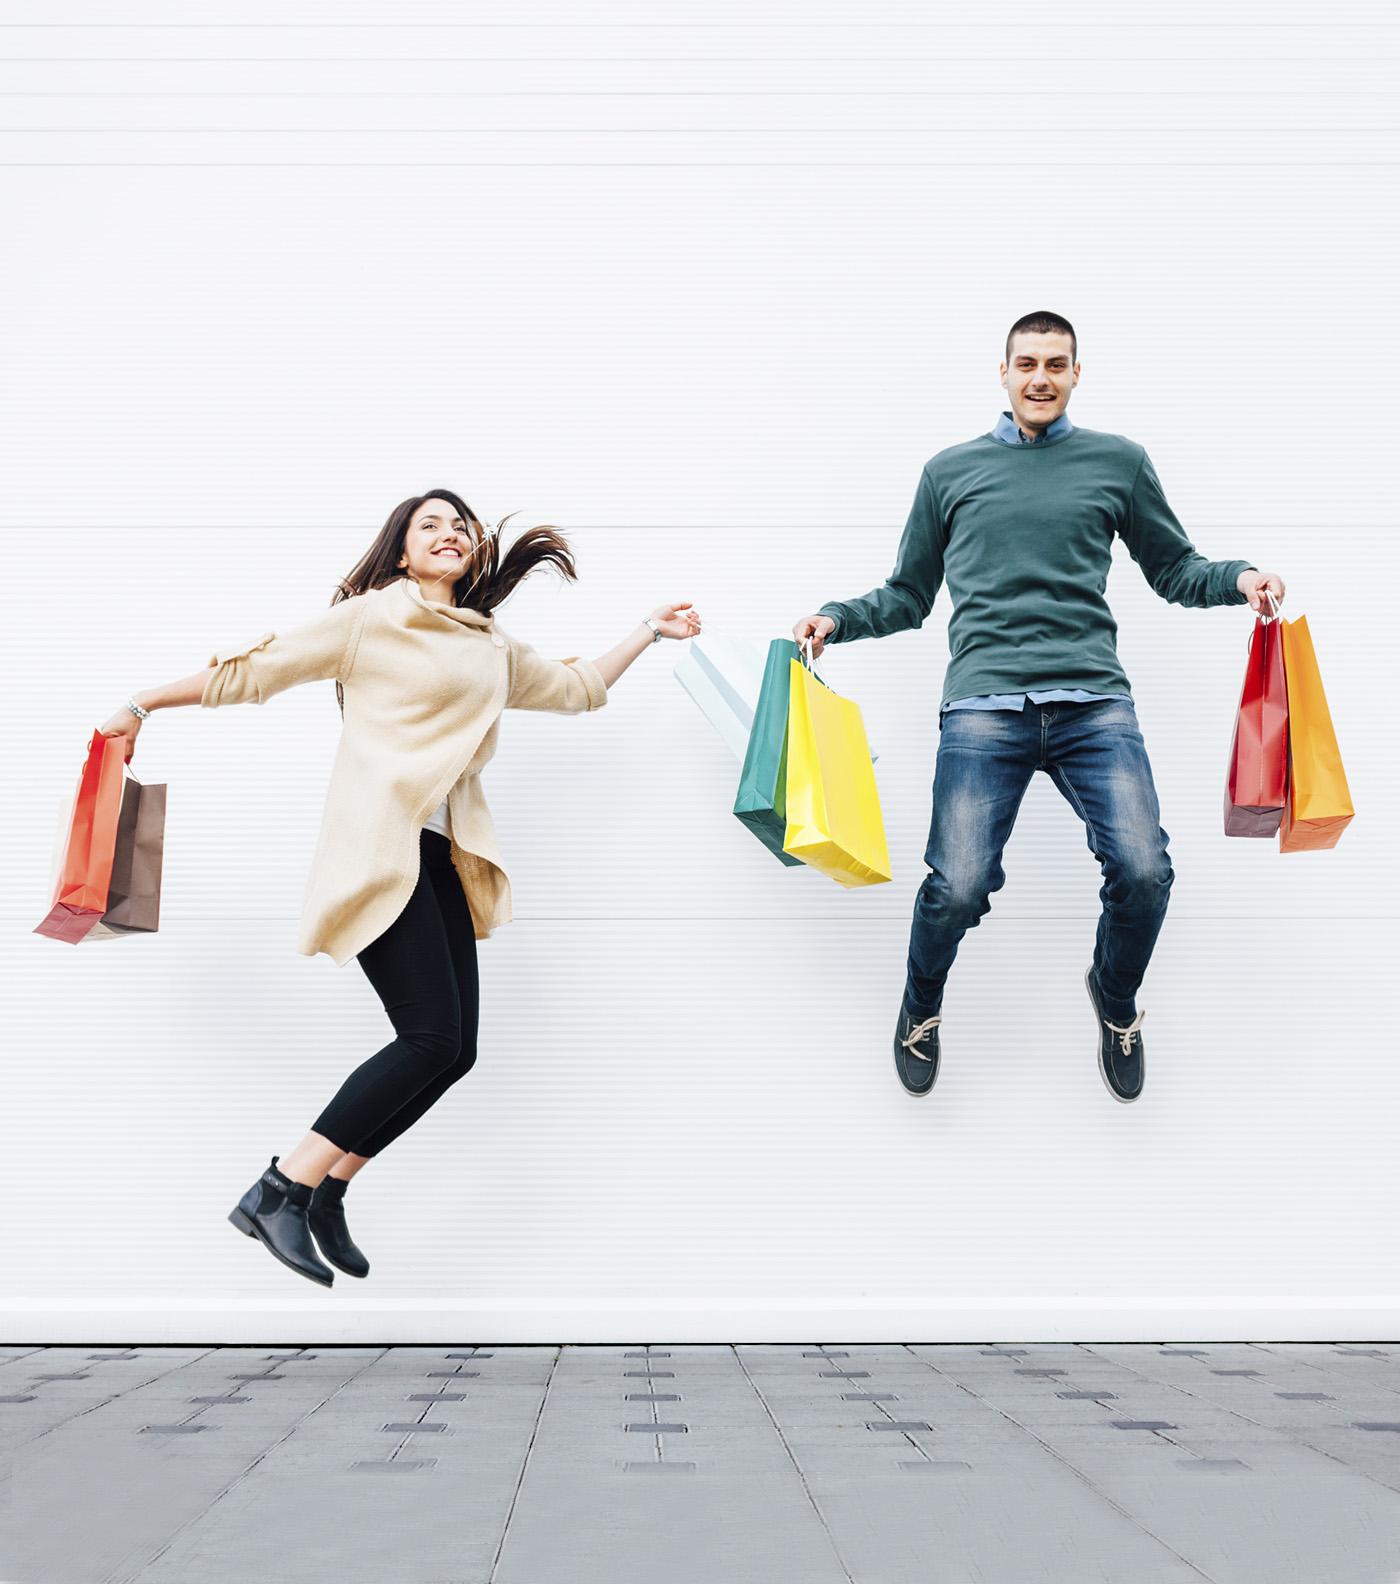 De compras: A la caza de ofertas